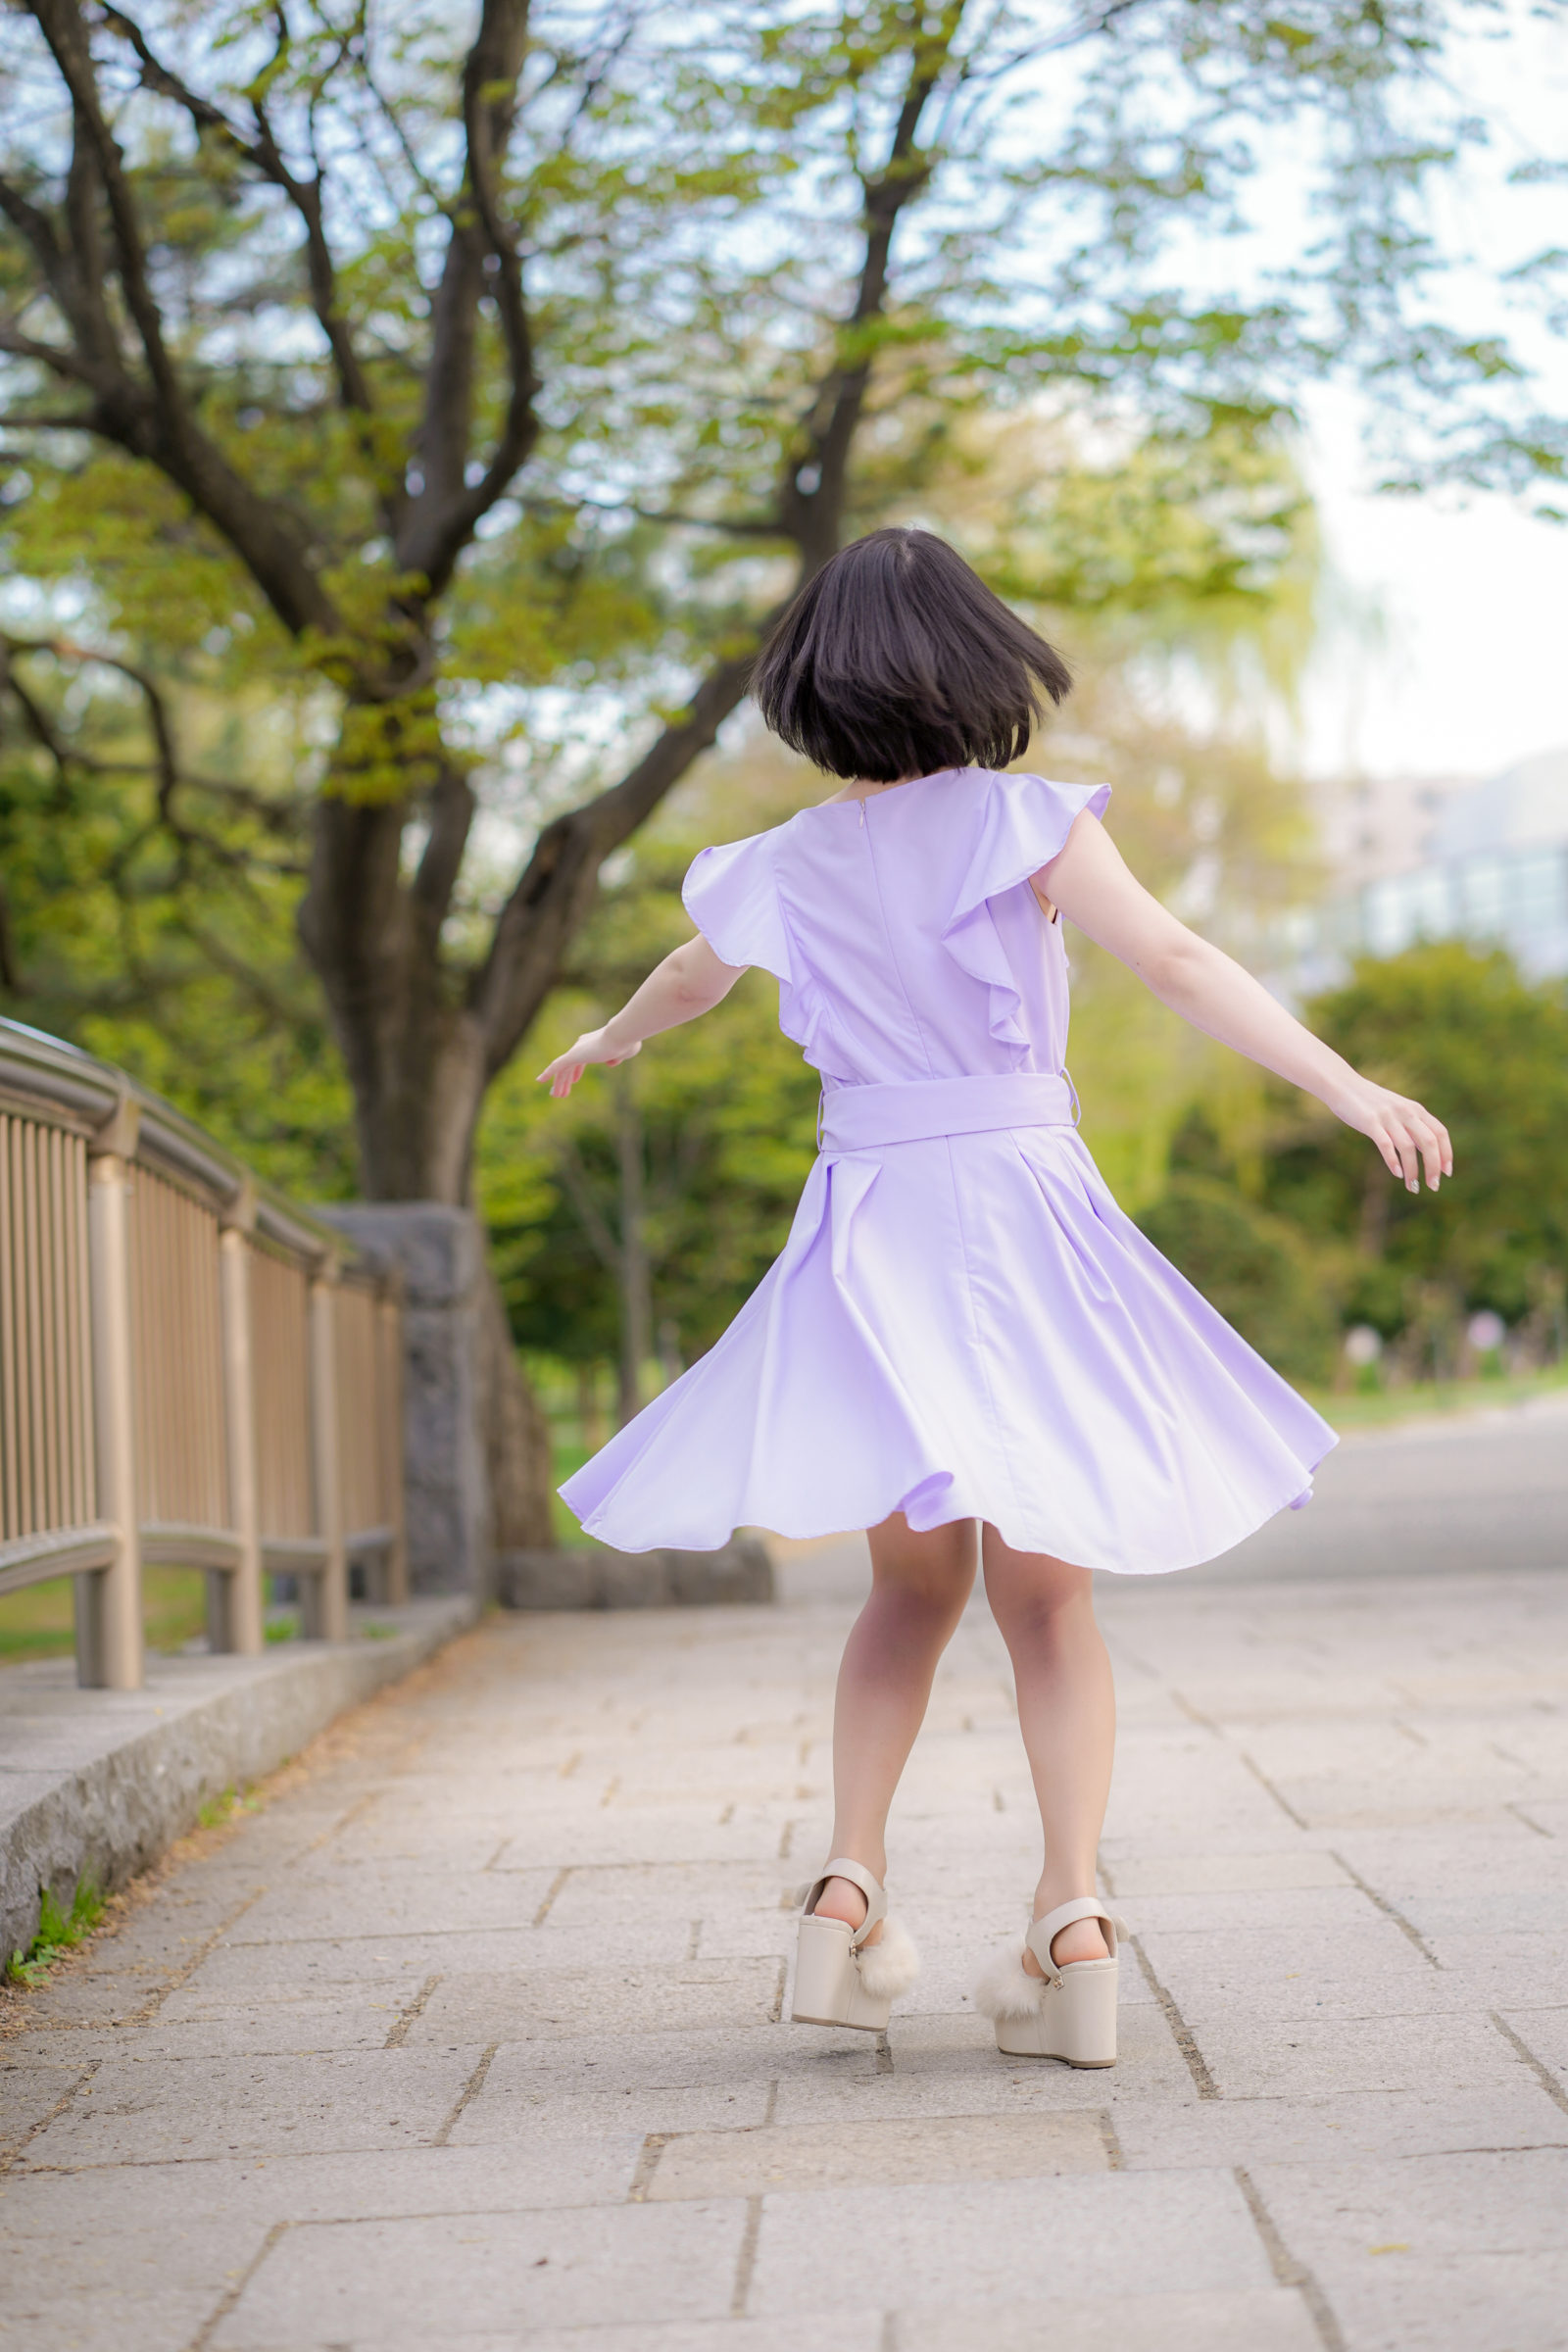 2代目HAPPY少女♪ みっちょ ( 本田みく ) | モデルプロ撮影会 at 中島公園